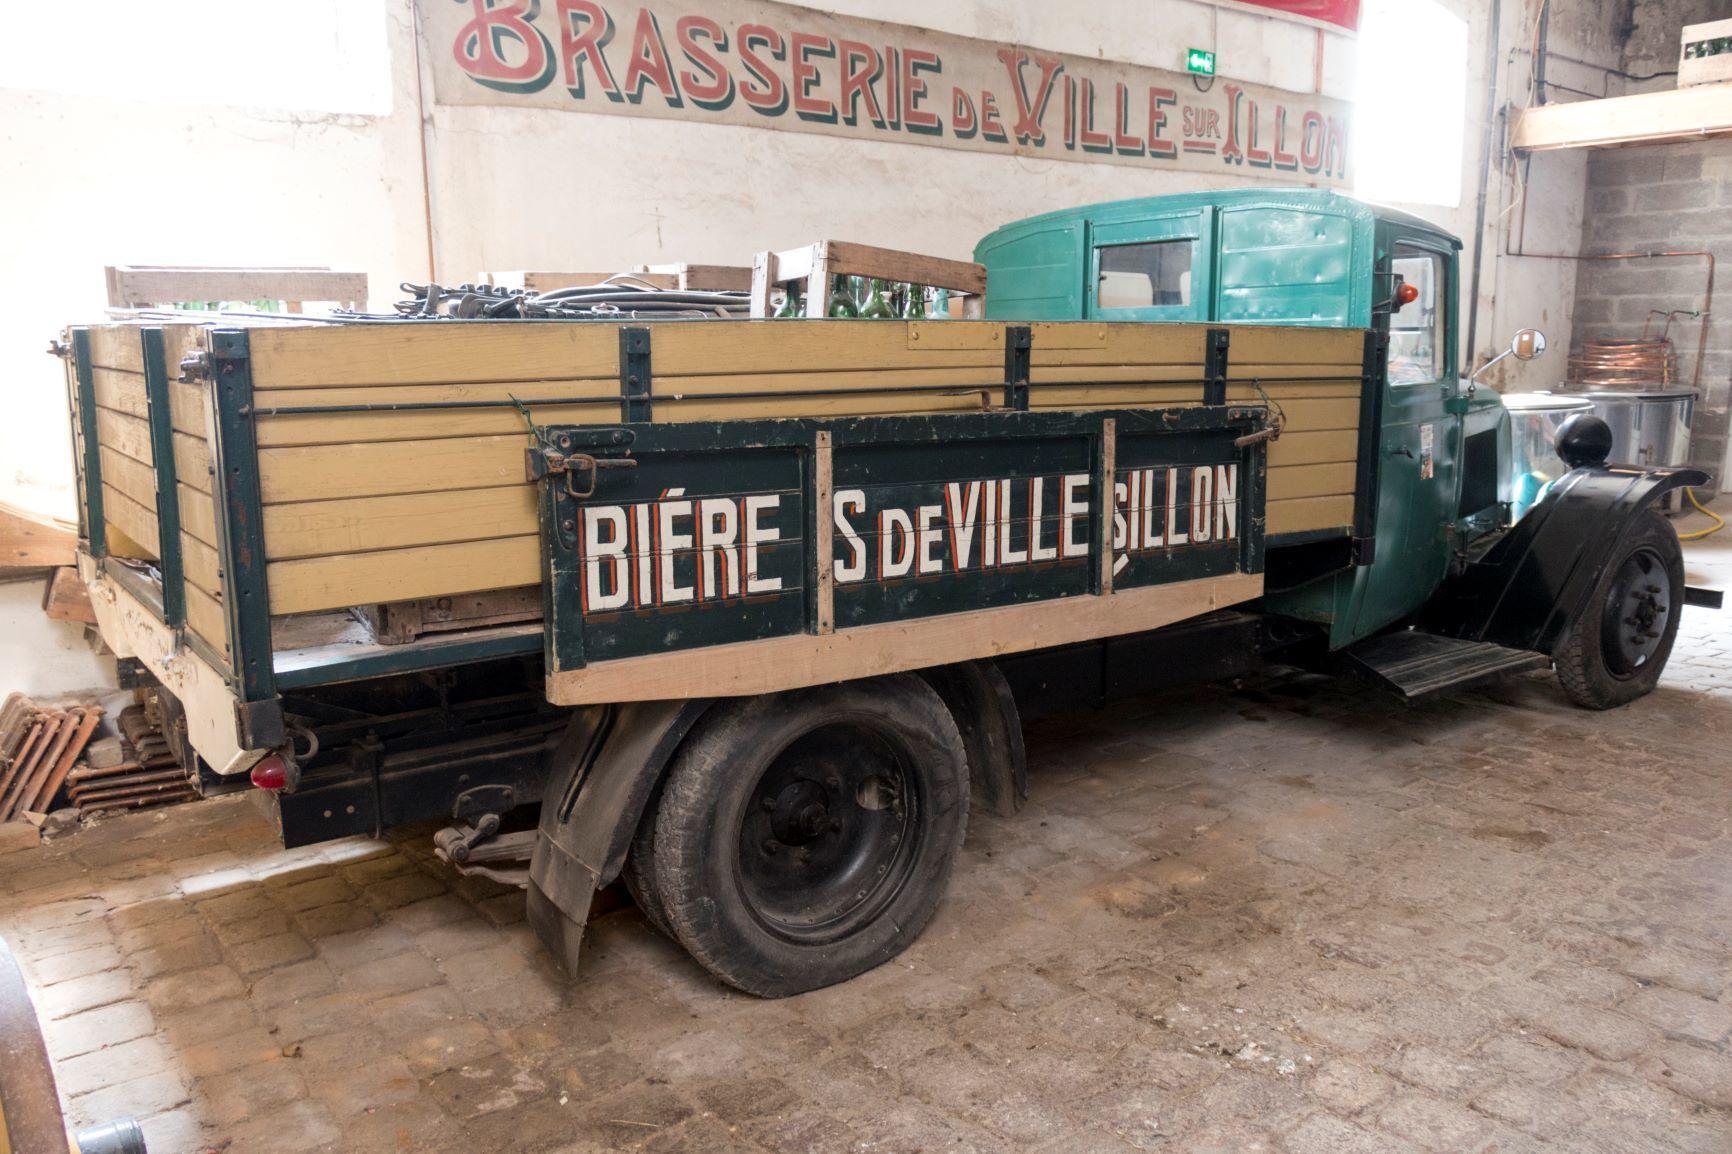 Crédits image : Ecomusée vosgien de la Brasserie de Ville-sur-Illon